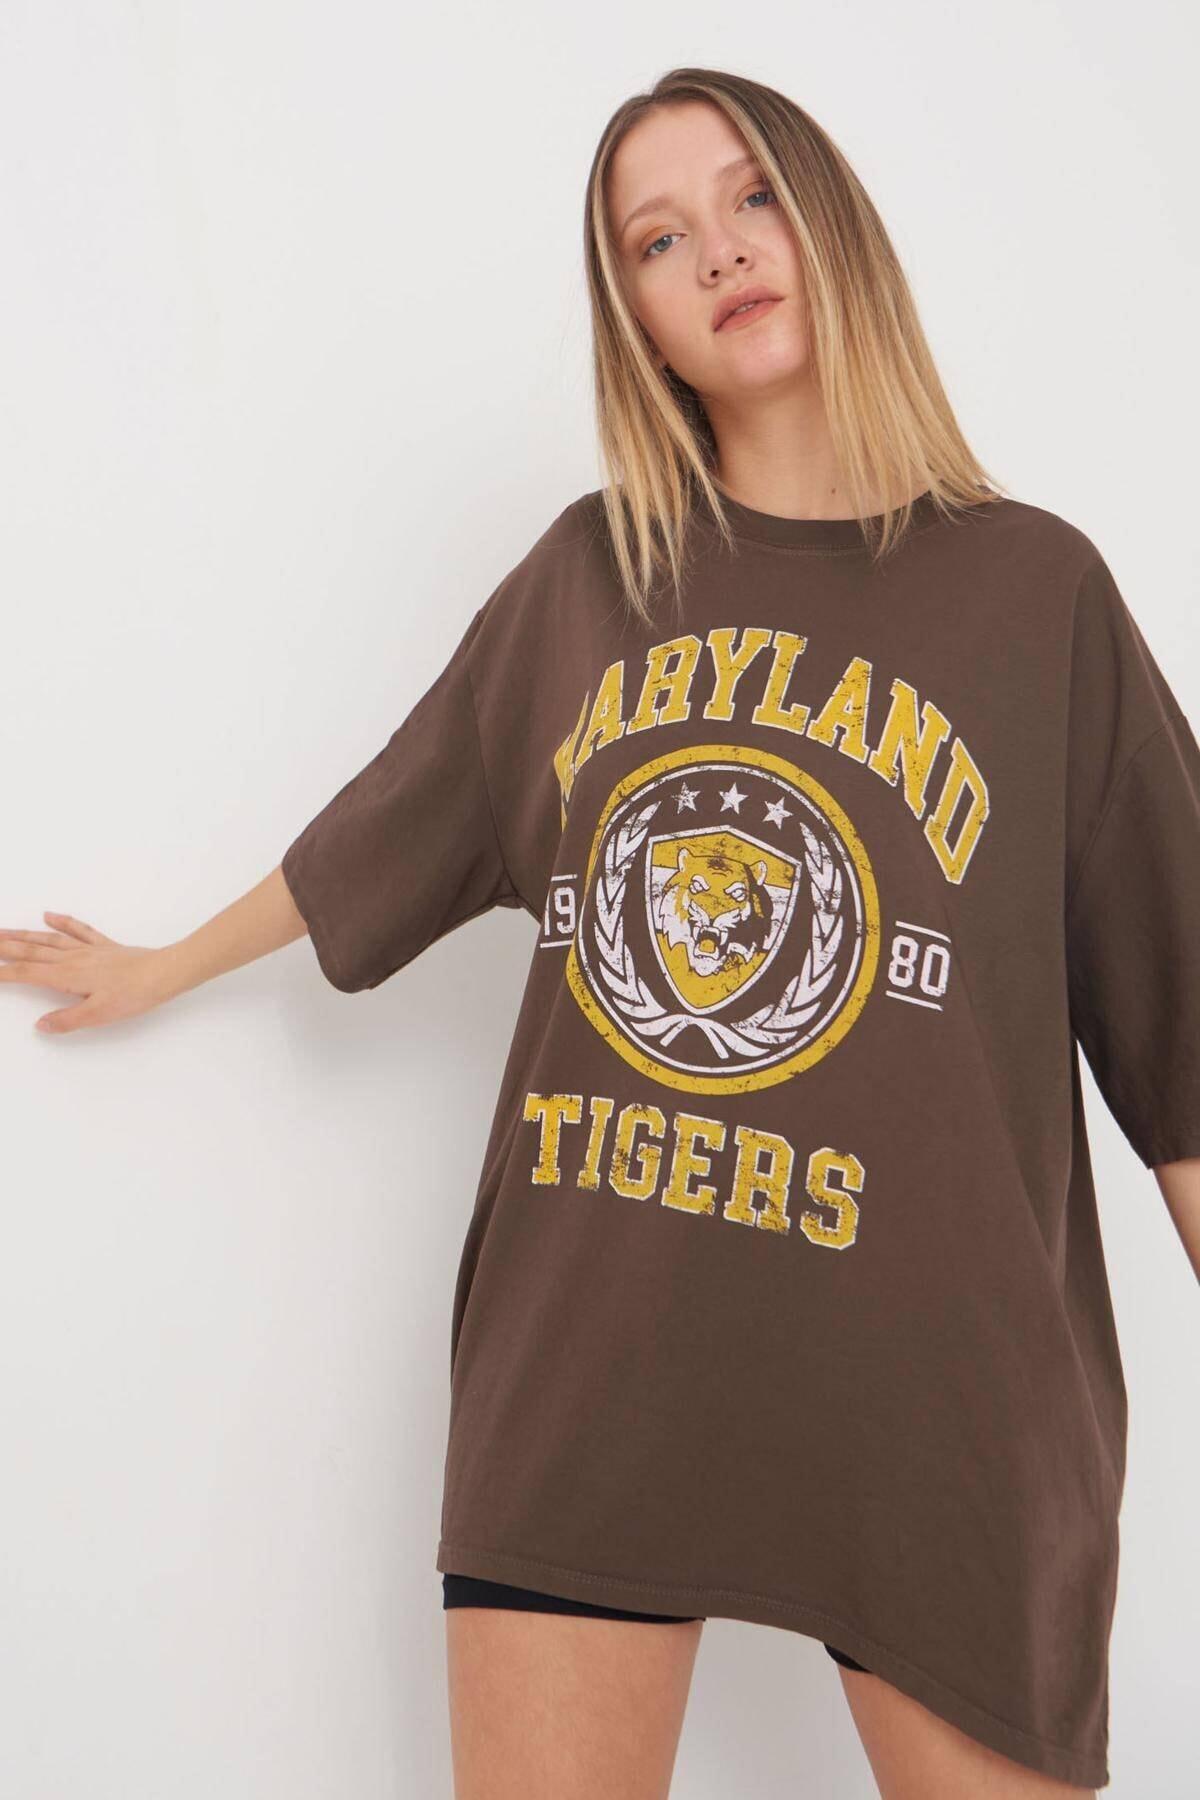 Addax Kadın Kahve Baskılı Oversize T-Shirt P9546 - B5 Adx-0000023996 1